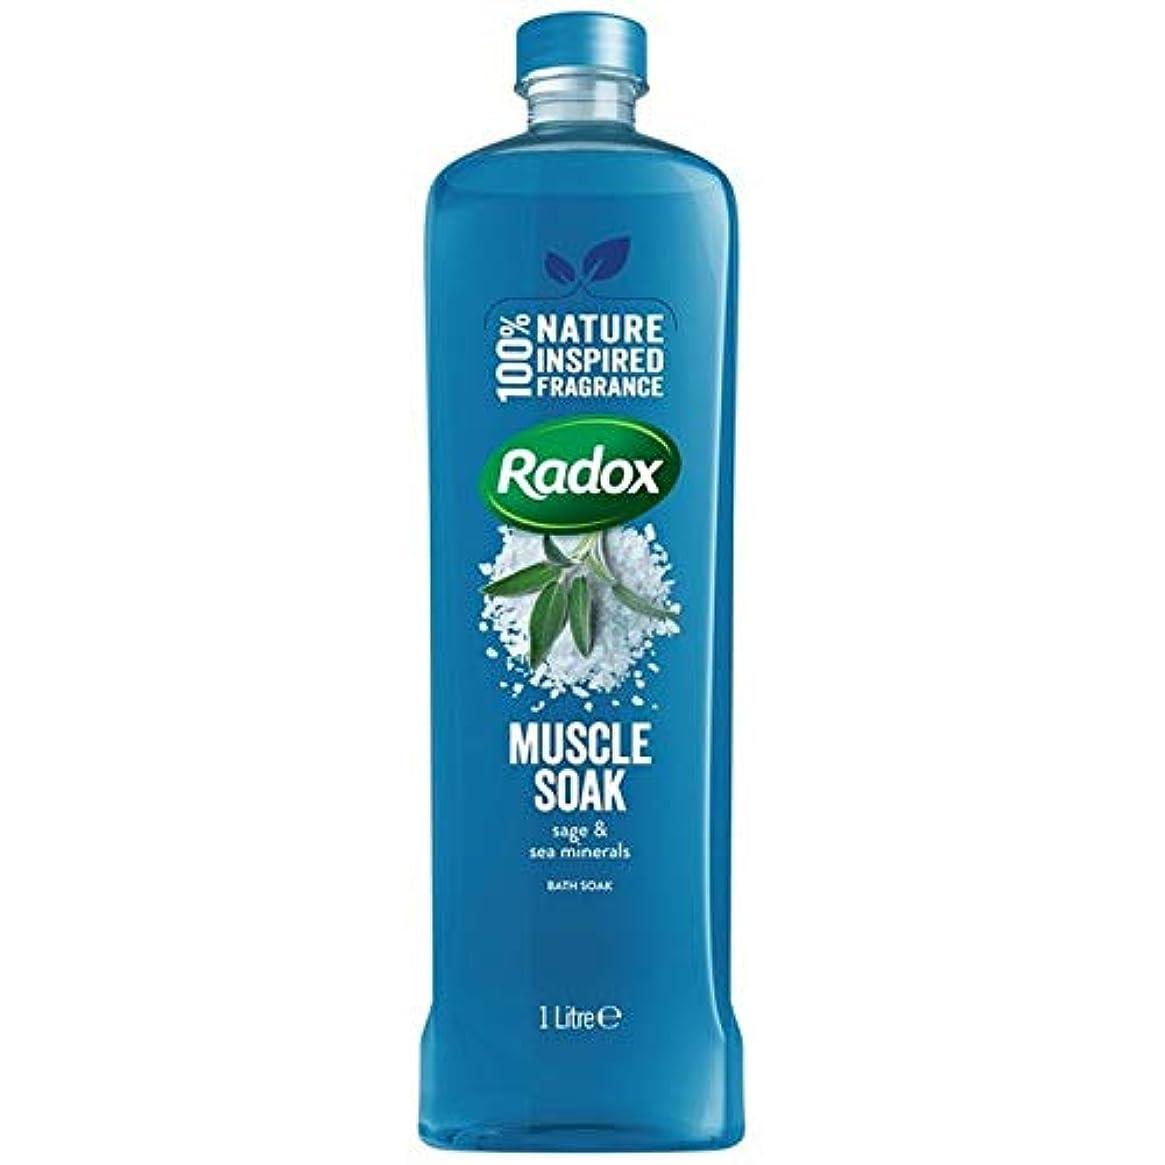 野生日常的にギャングスター[Radox] Radox筋はセージ&海のミネラルの1リットルに浸し風呂につかります - Radox Muscle Soak Bath Soak with Sage & Sea Minerals 1L [並行輸入品]